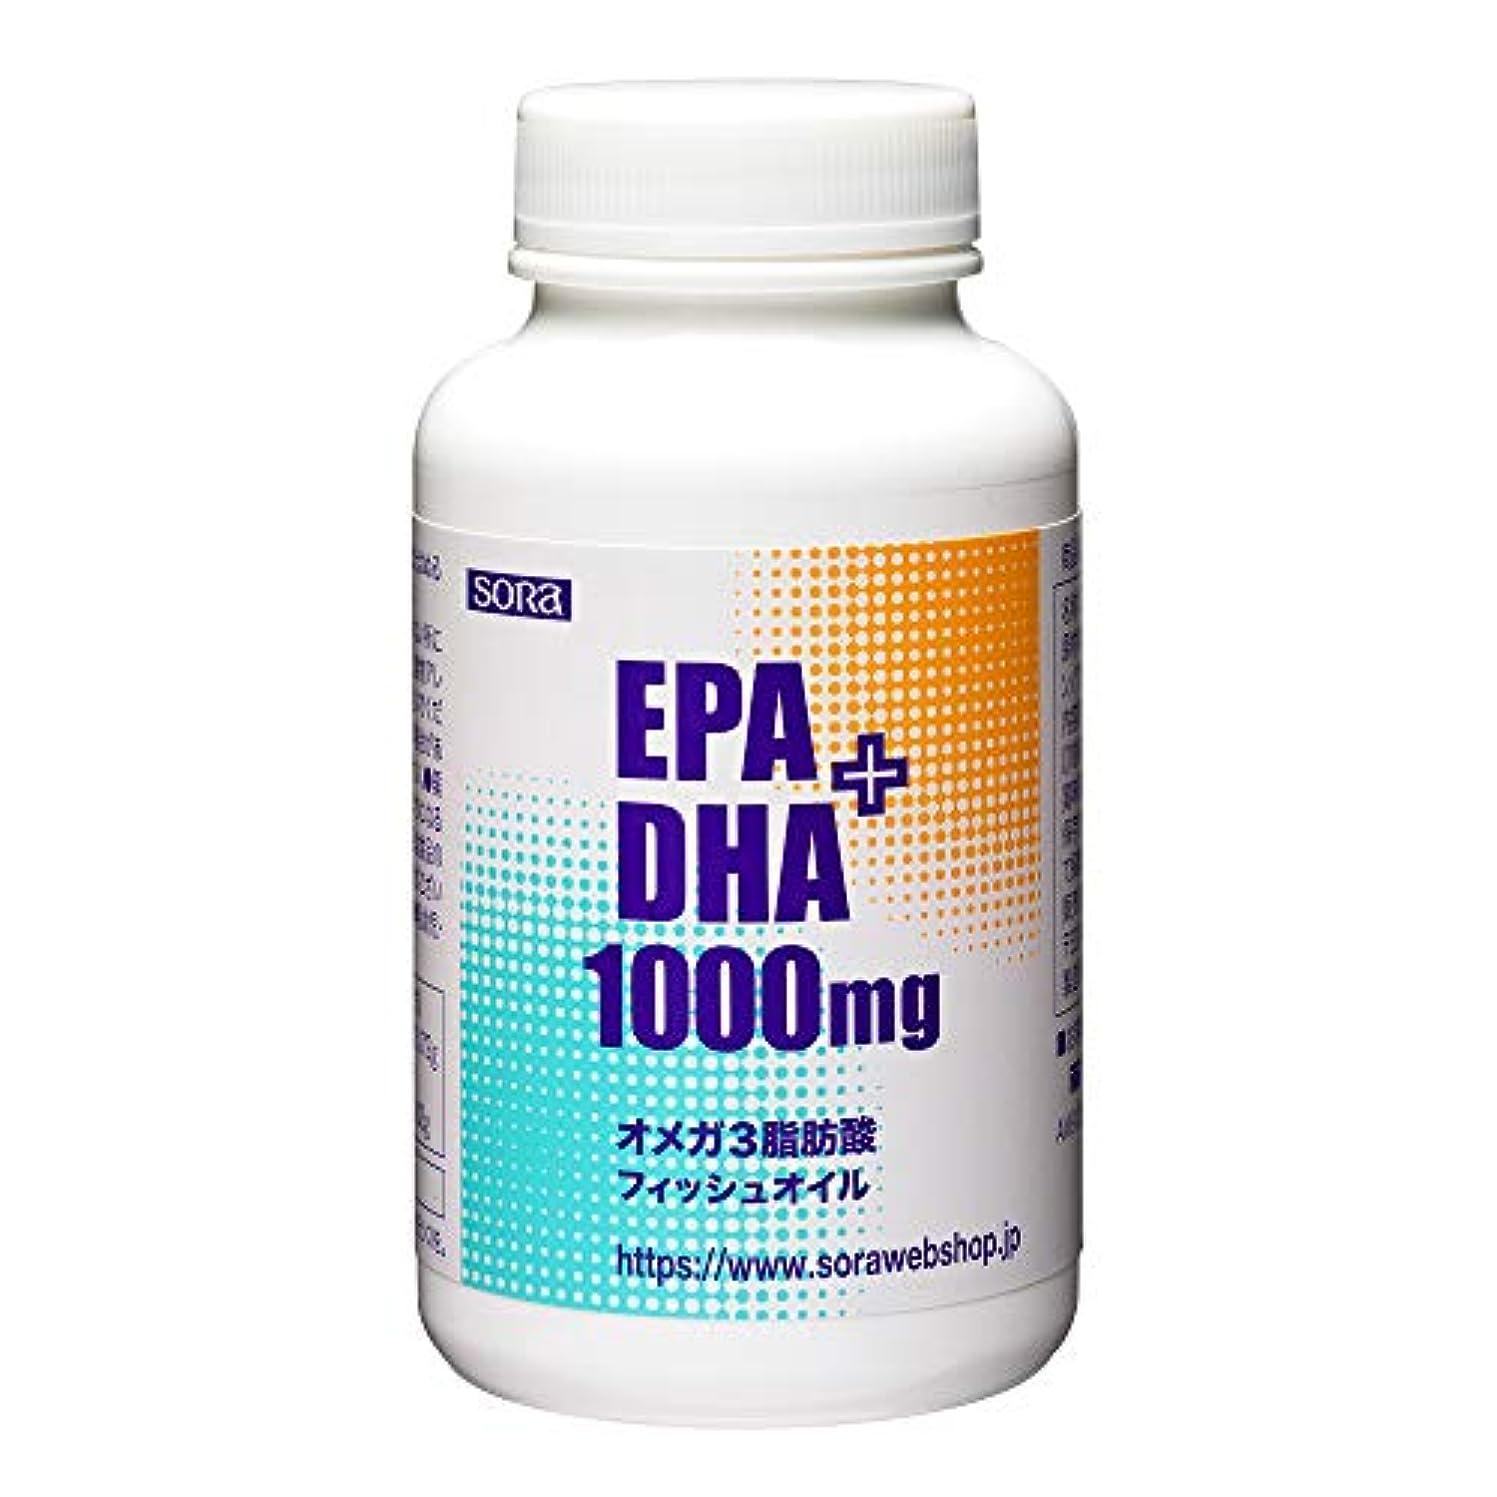 手術一握り政権そら EPA+DHA 1000mg (魚のオイル オメガ3 180粒入)